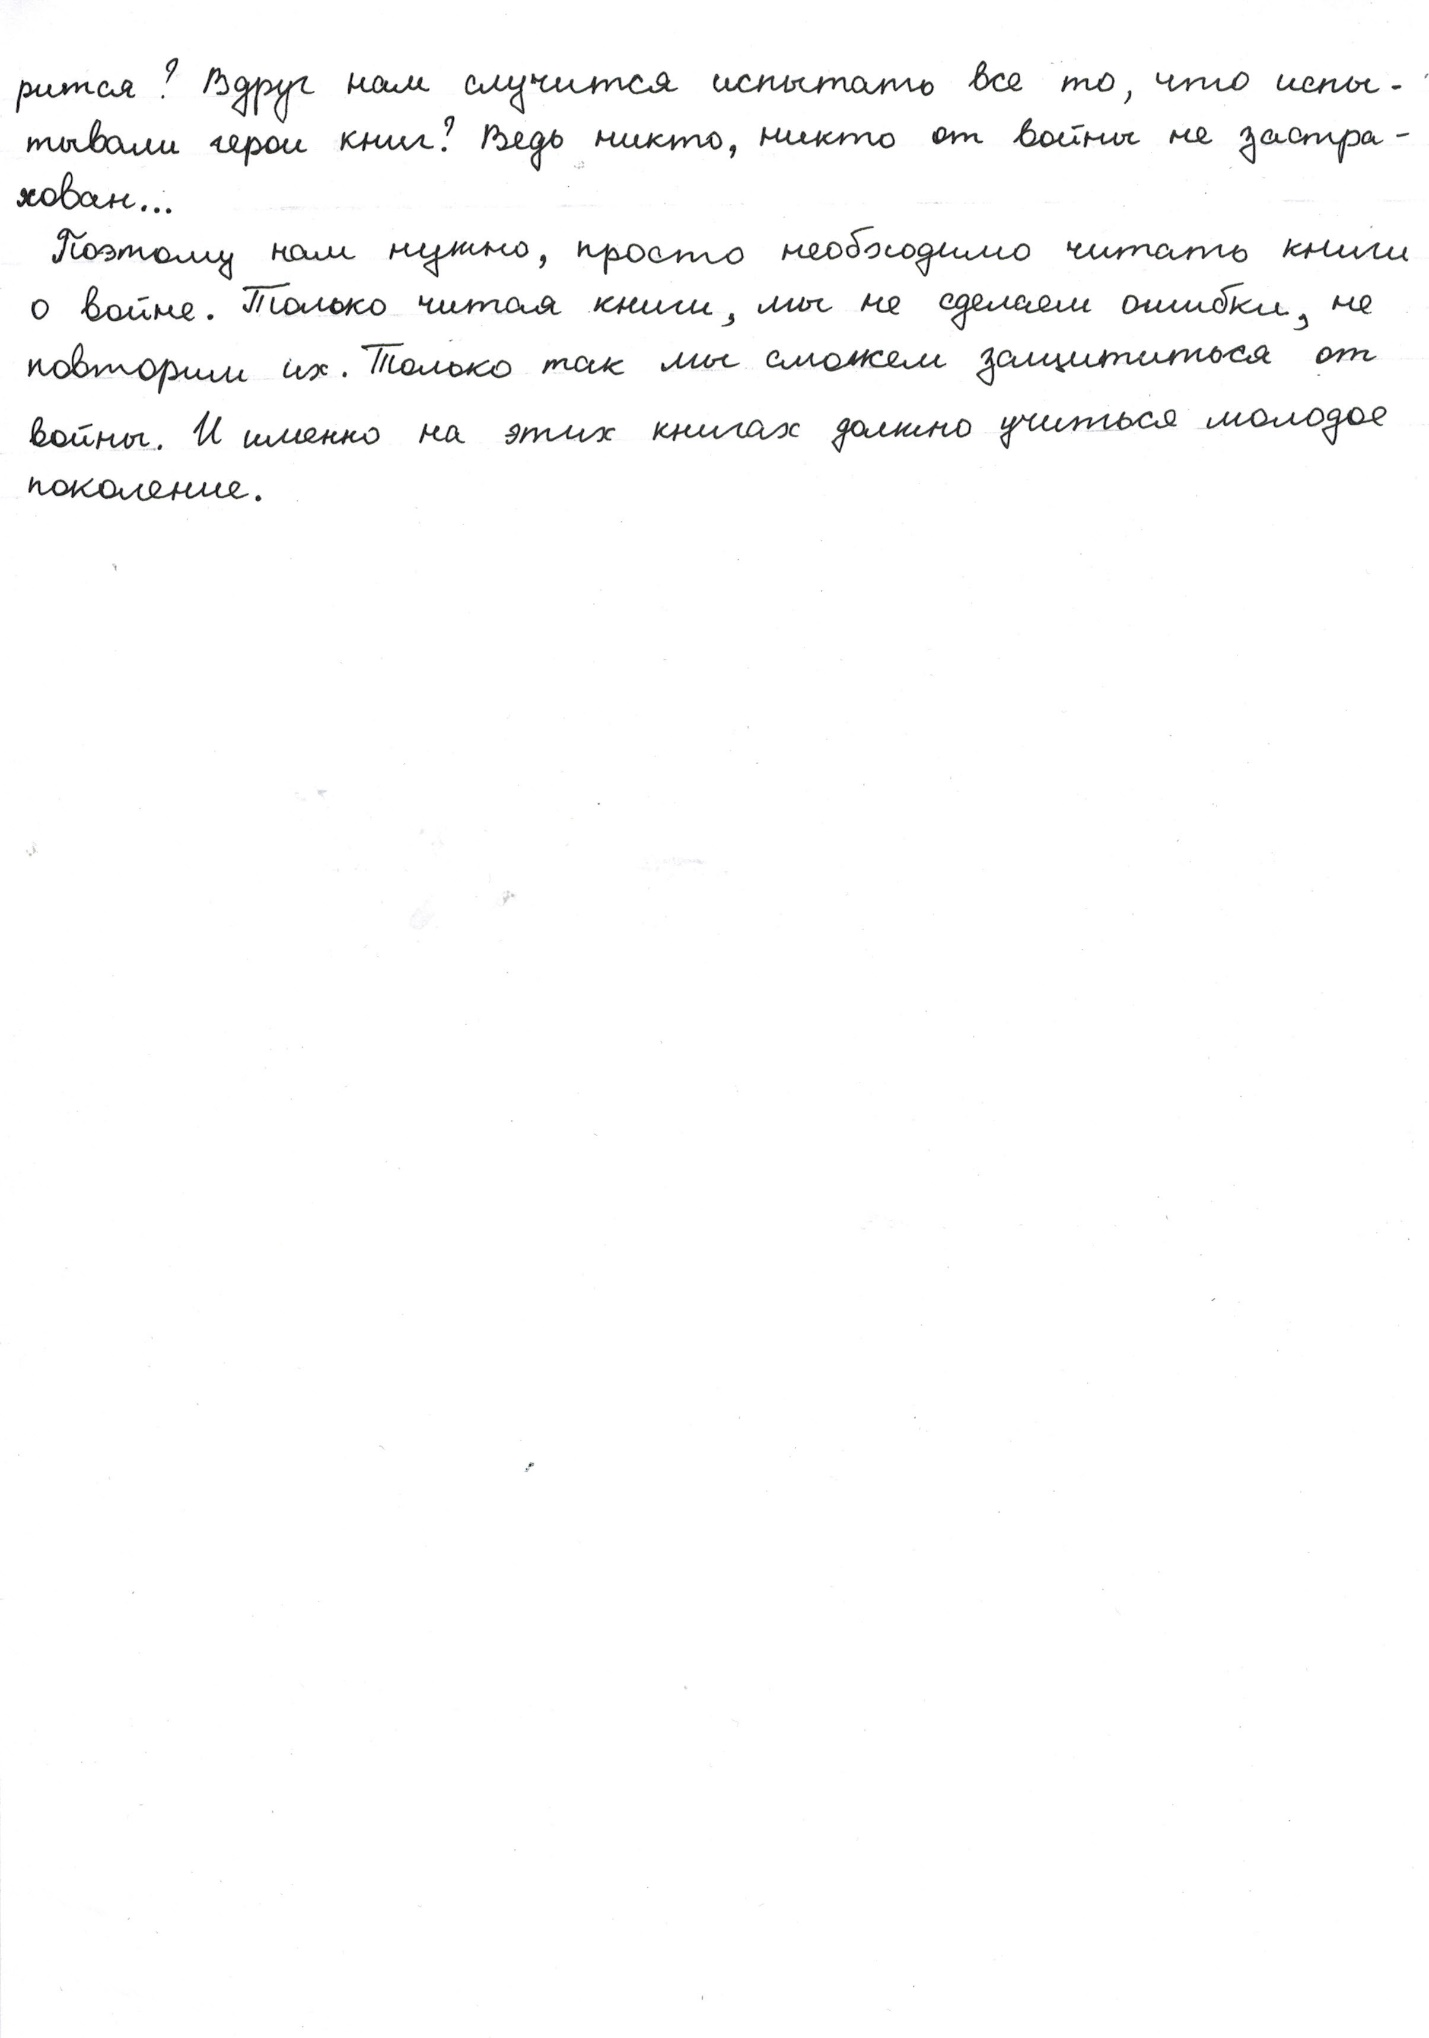 F:\Всероссийское сочинение.СОШ №31.2015ГОД\Ермакова Юлия.11кл\CCI01012002_0012.jpg